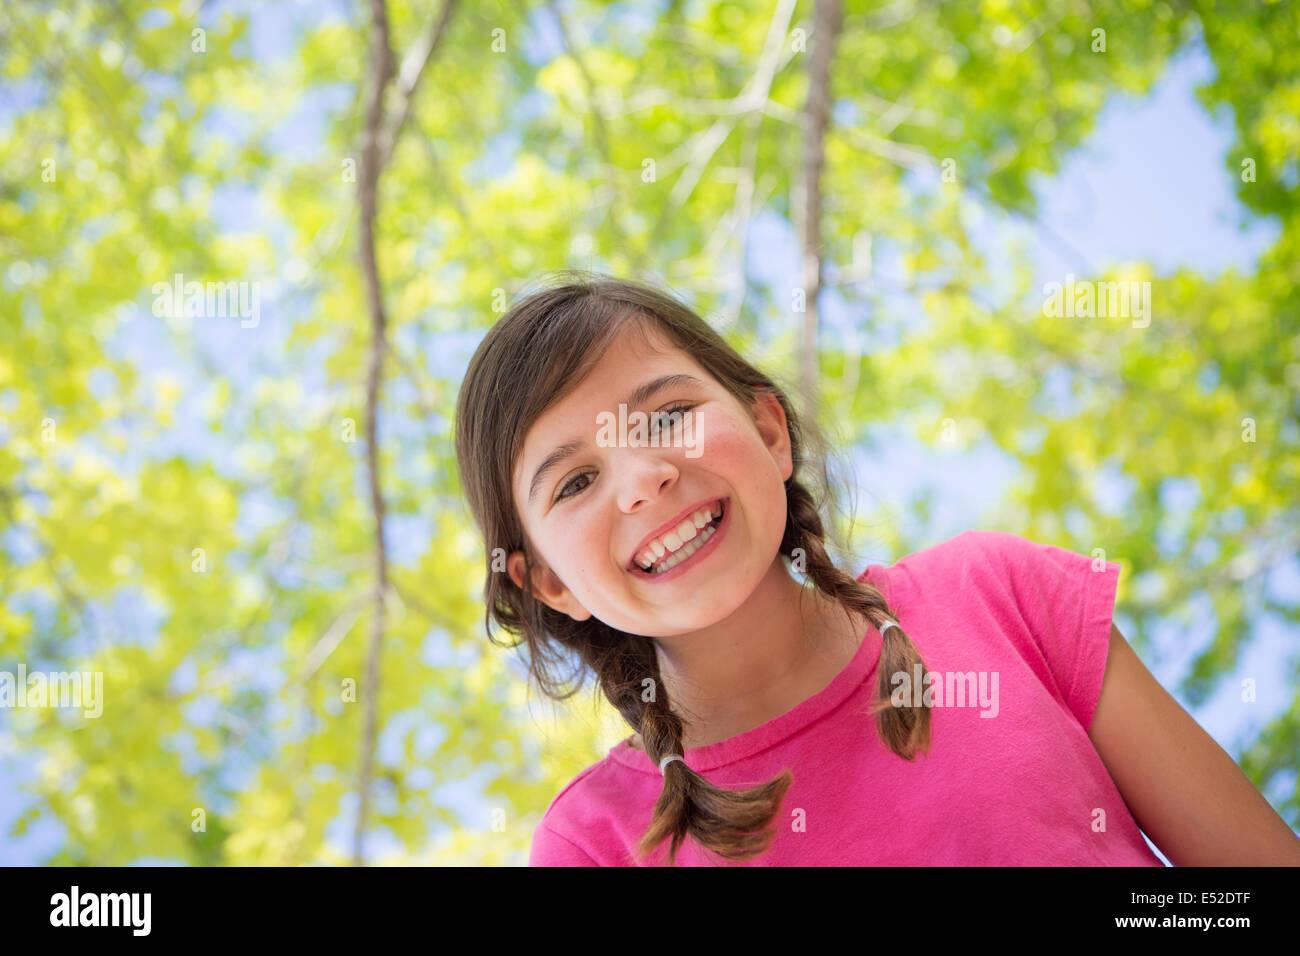 Una giovane ragazza con trecce indossando un top rosa sotto un baldacchino di alberi. Immagini Stock